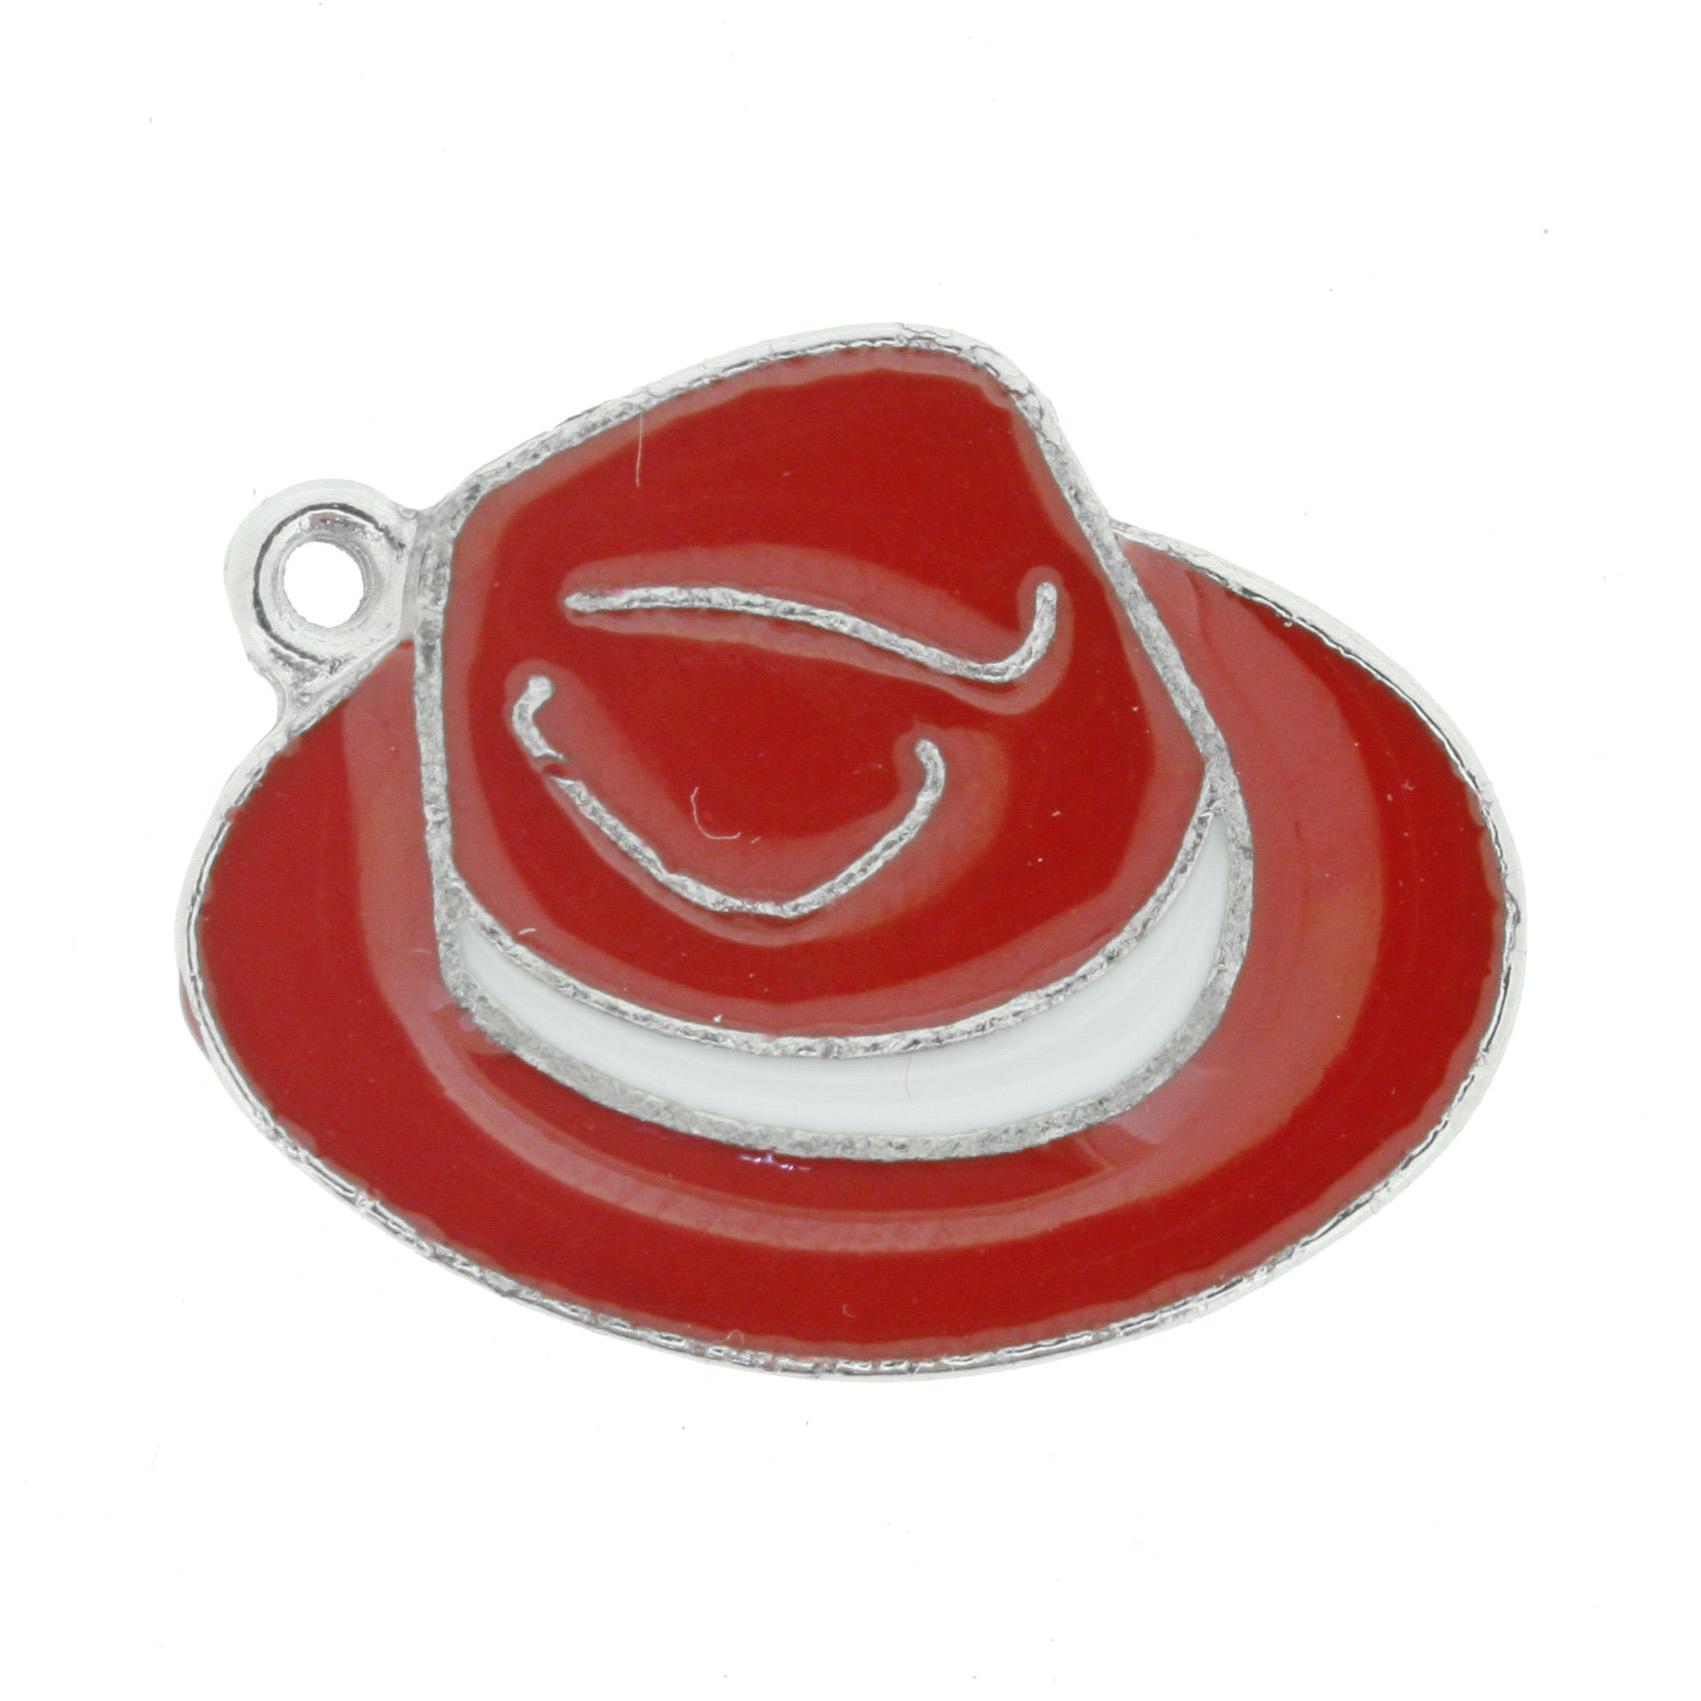 Chapéu Resinado Níquel - Vermelho e Branco - 22mm  - Universo Religioso® - Artigos de Umbanda e Candomblé